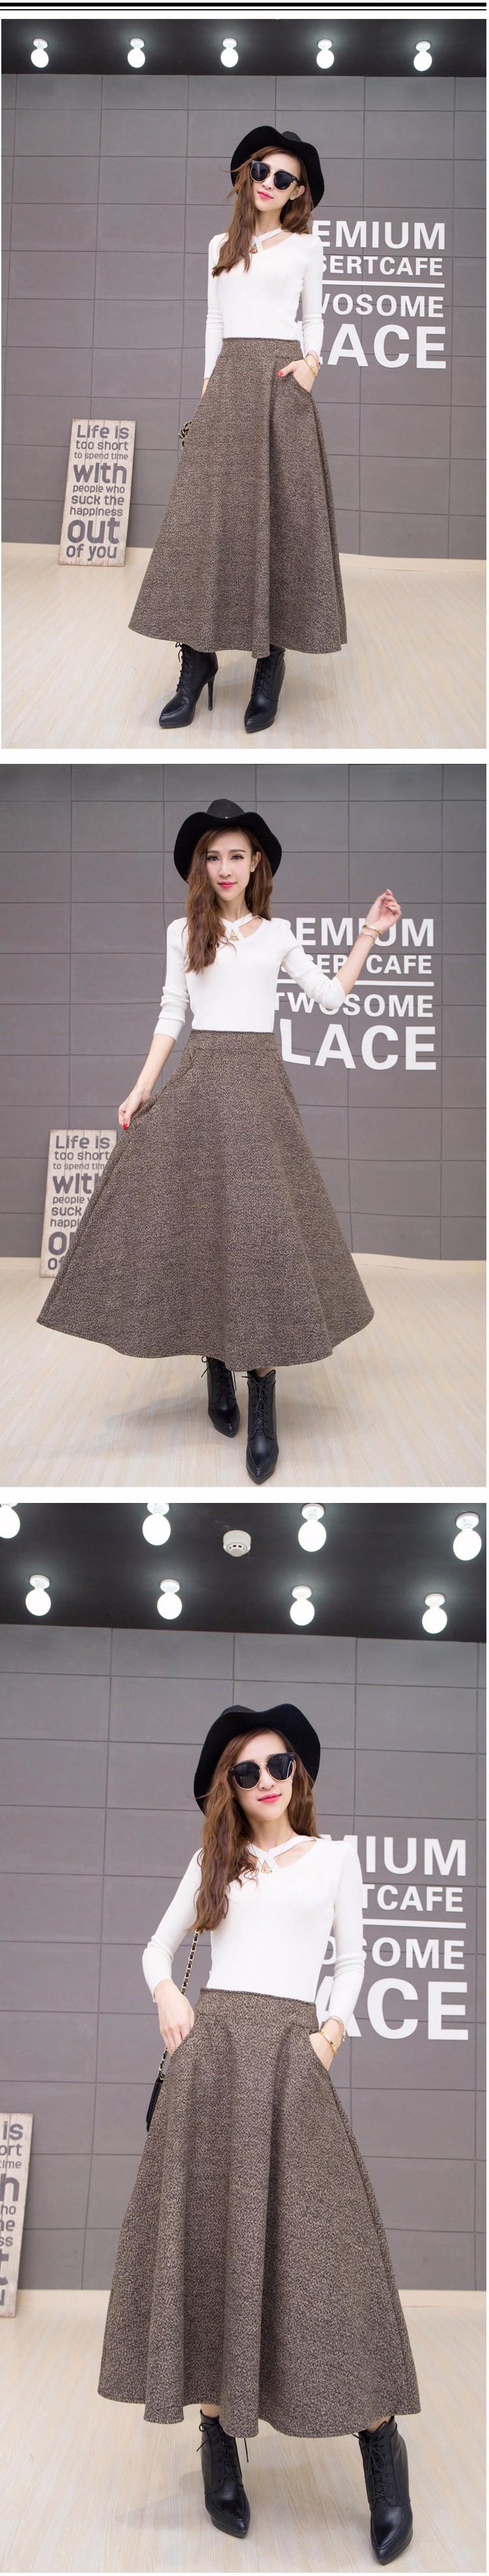 e5bca01f2fb 2017 Femmes Longue Vintage De Laine Jupes Automne Hiver Mode Épais De Laine Jupes  Plus La Taille A-ligne Casual Grande Balançoire saia longa